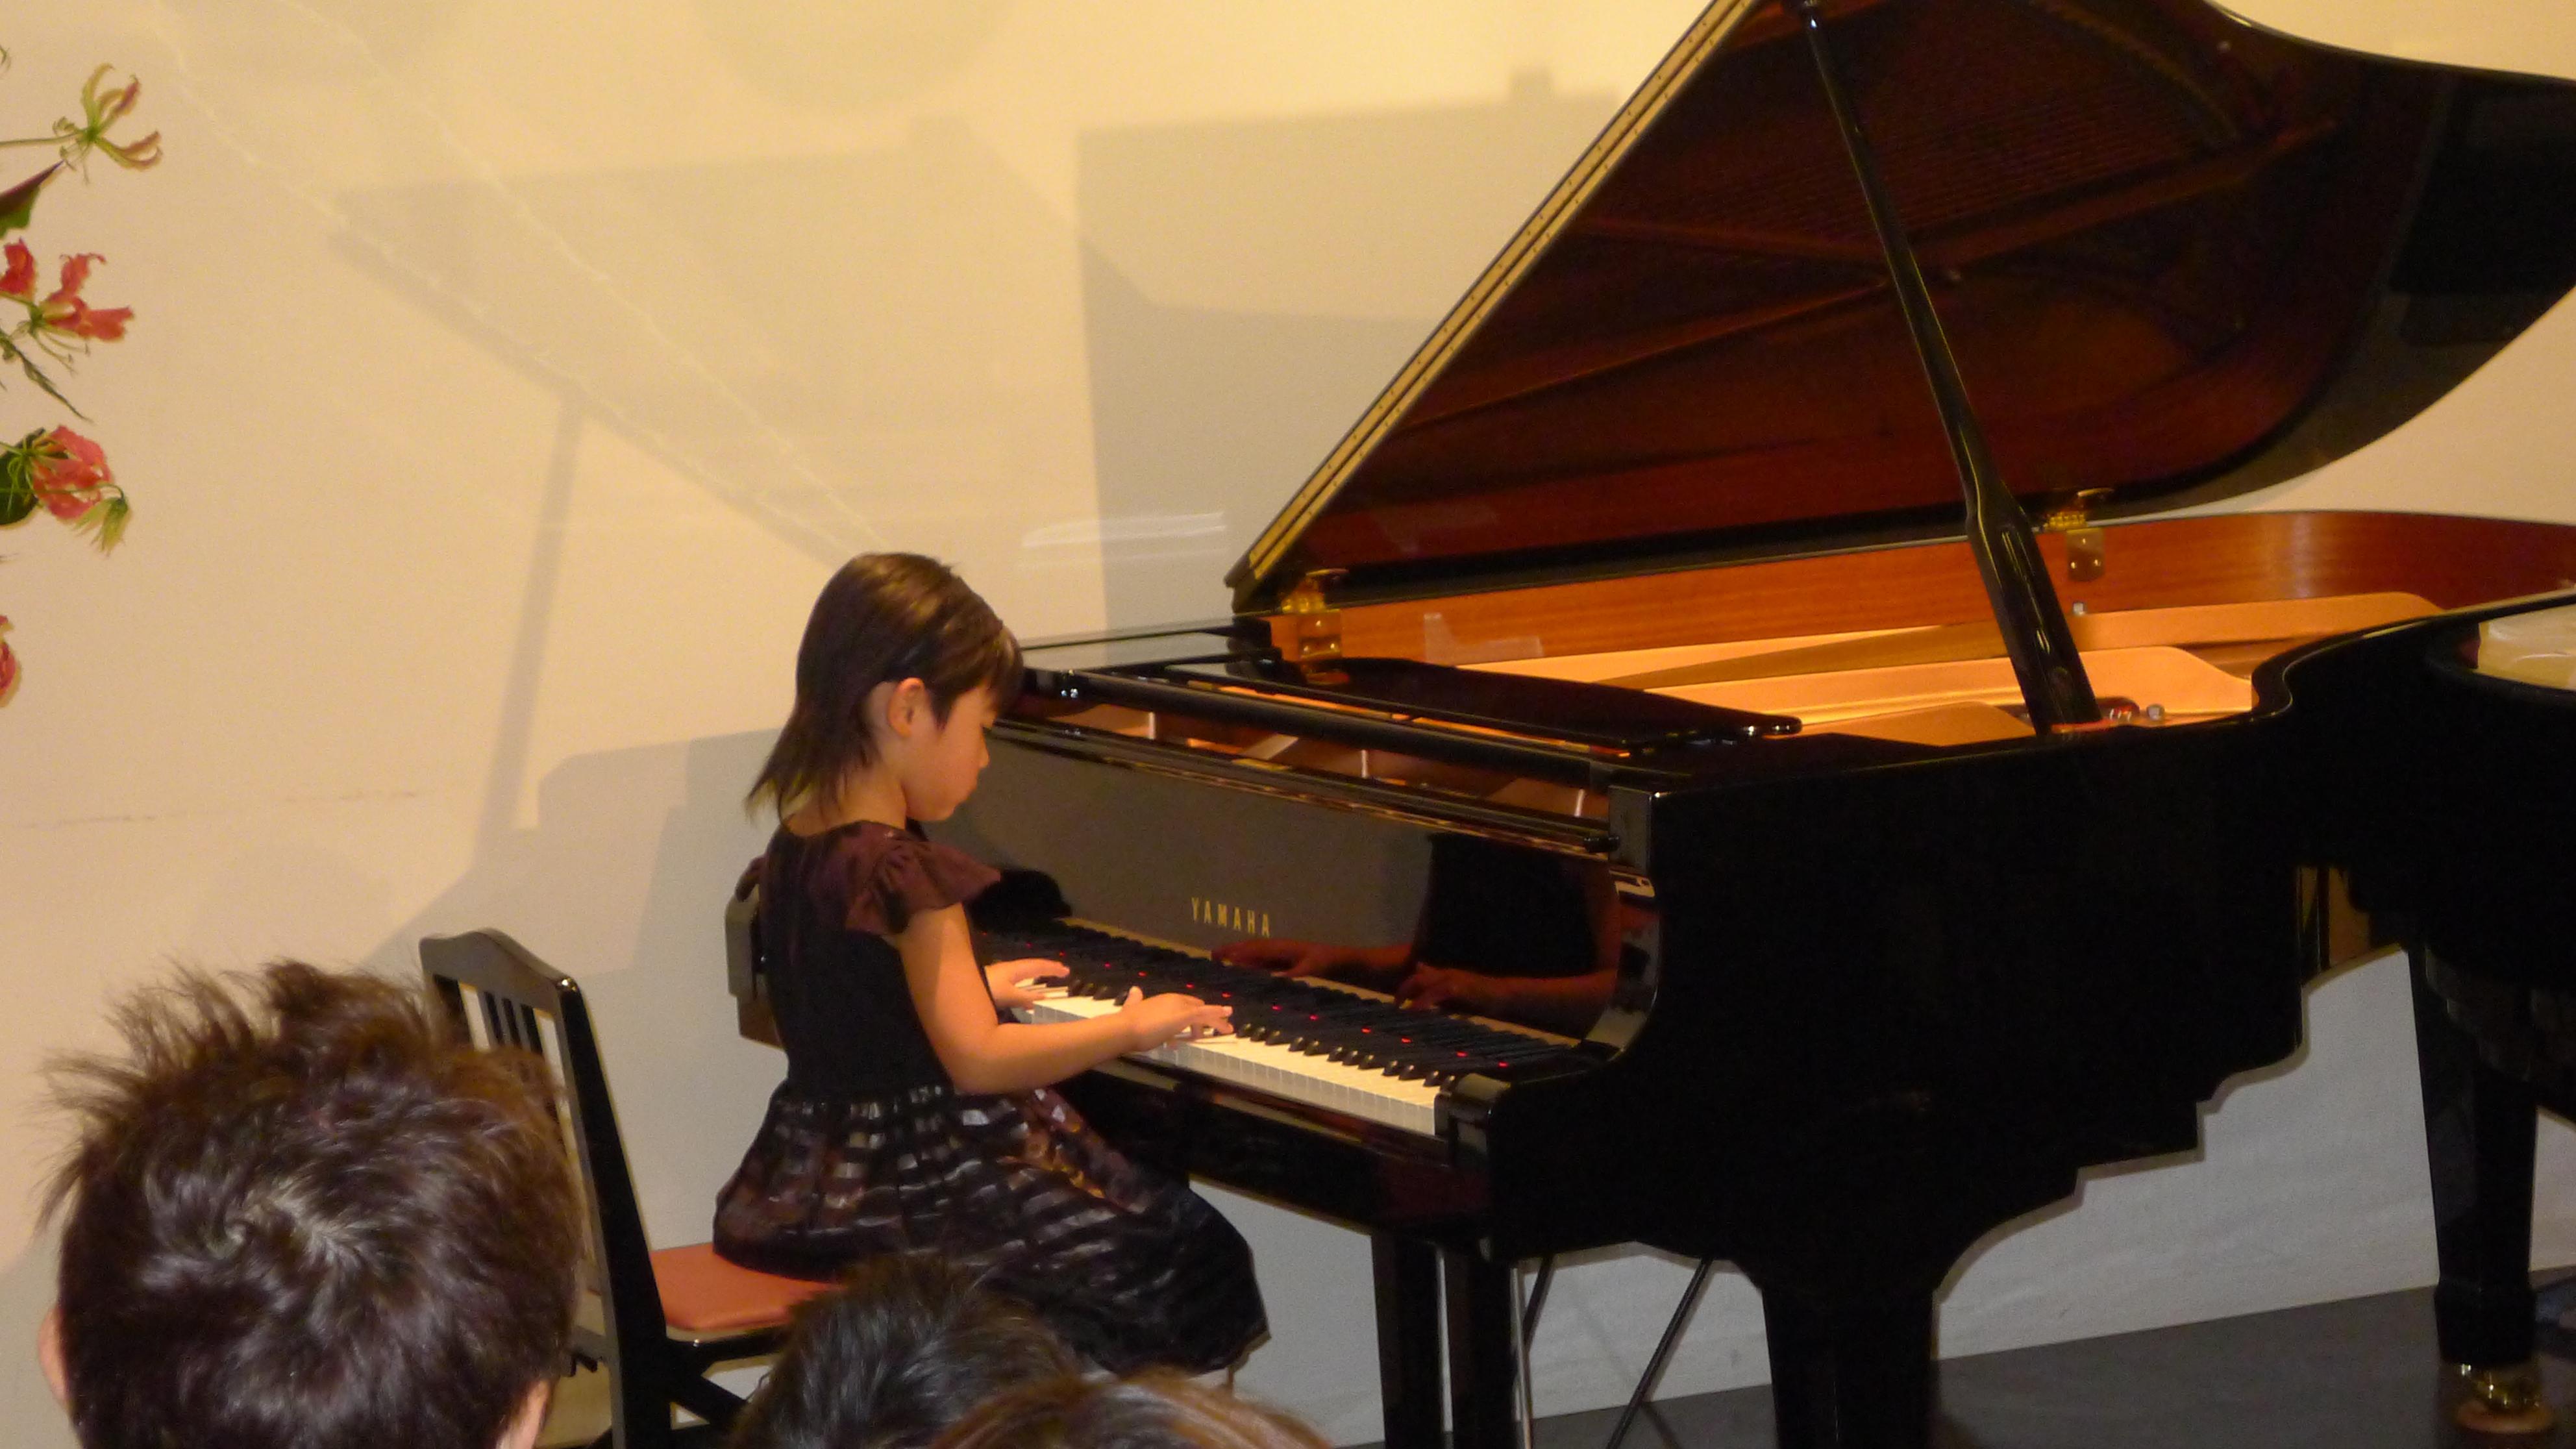 仙台市泉区北中山のピアノ教室 ピアノコンサートy1